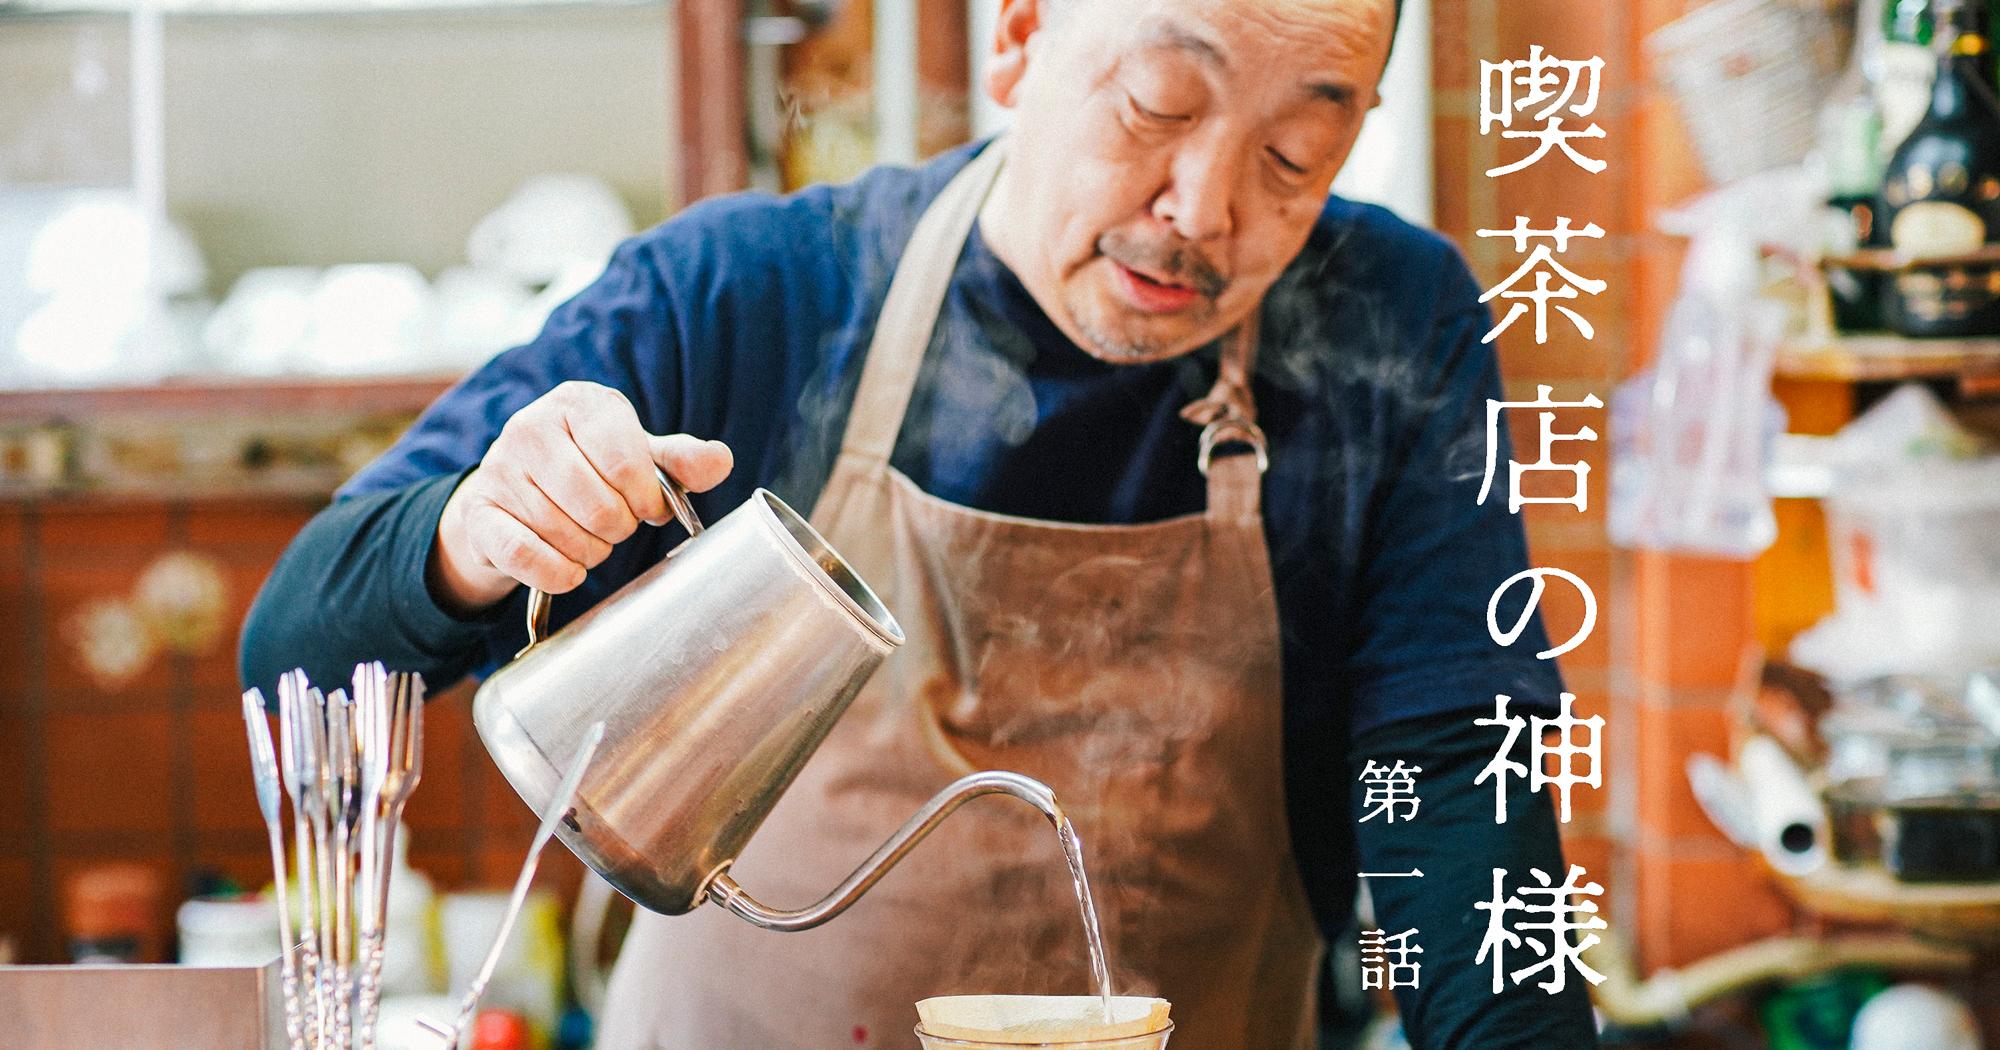 三浦海岸の喫茶店「ぽえむ」でコーヒーとお手製ケーキを